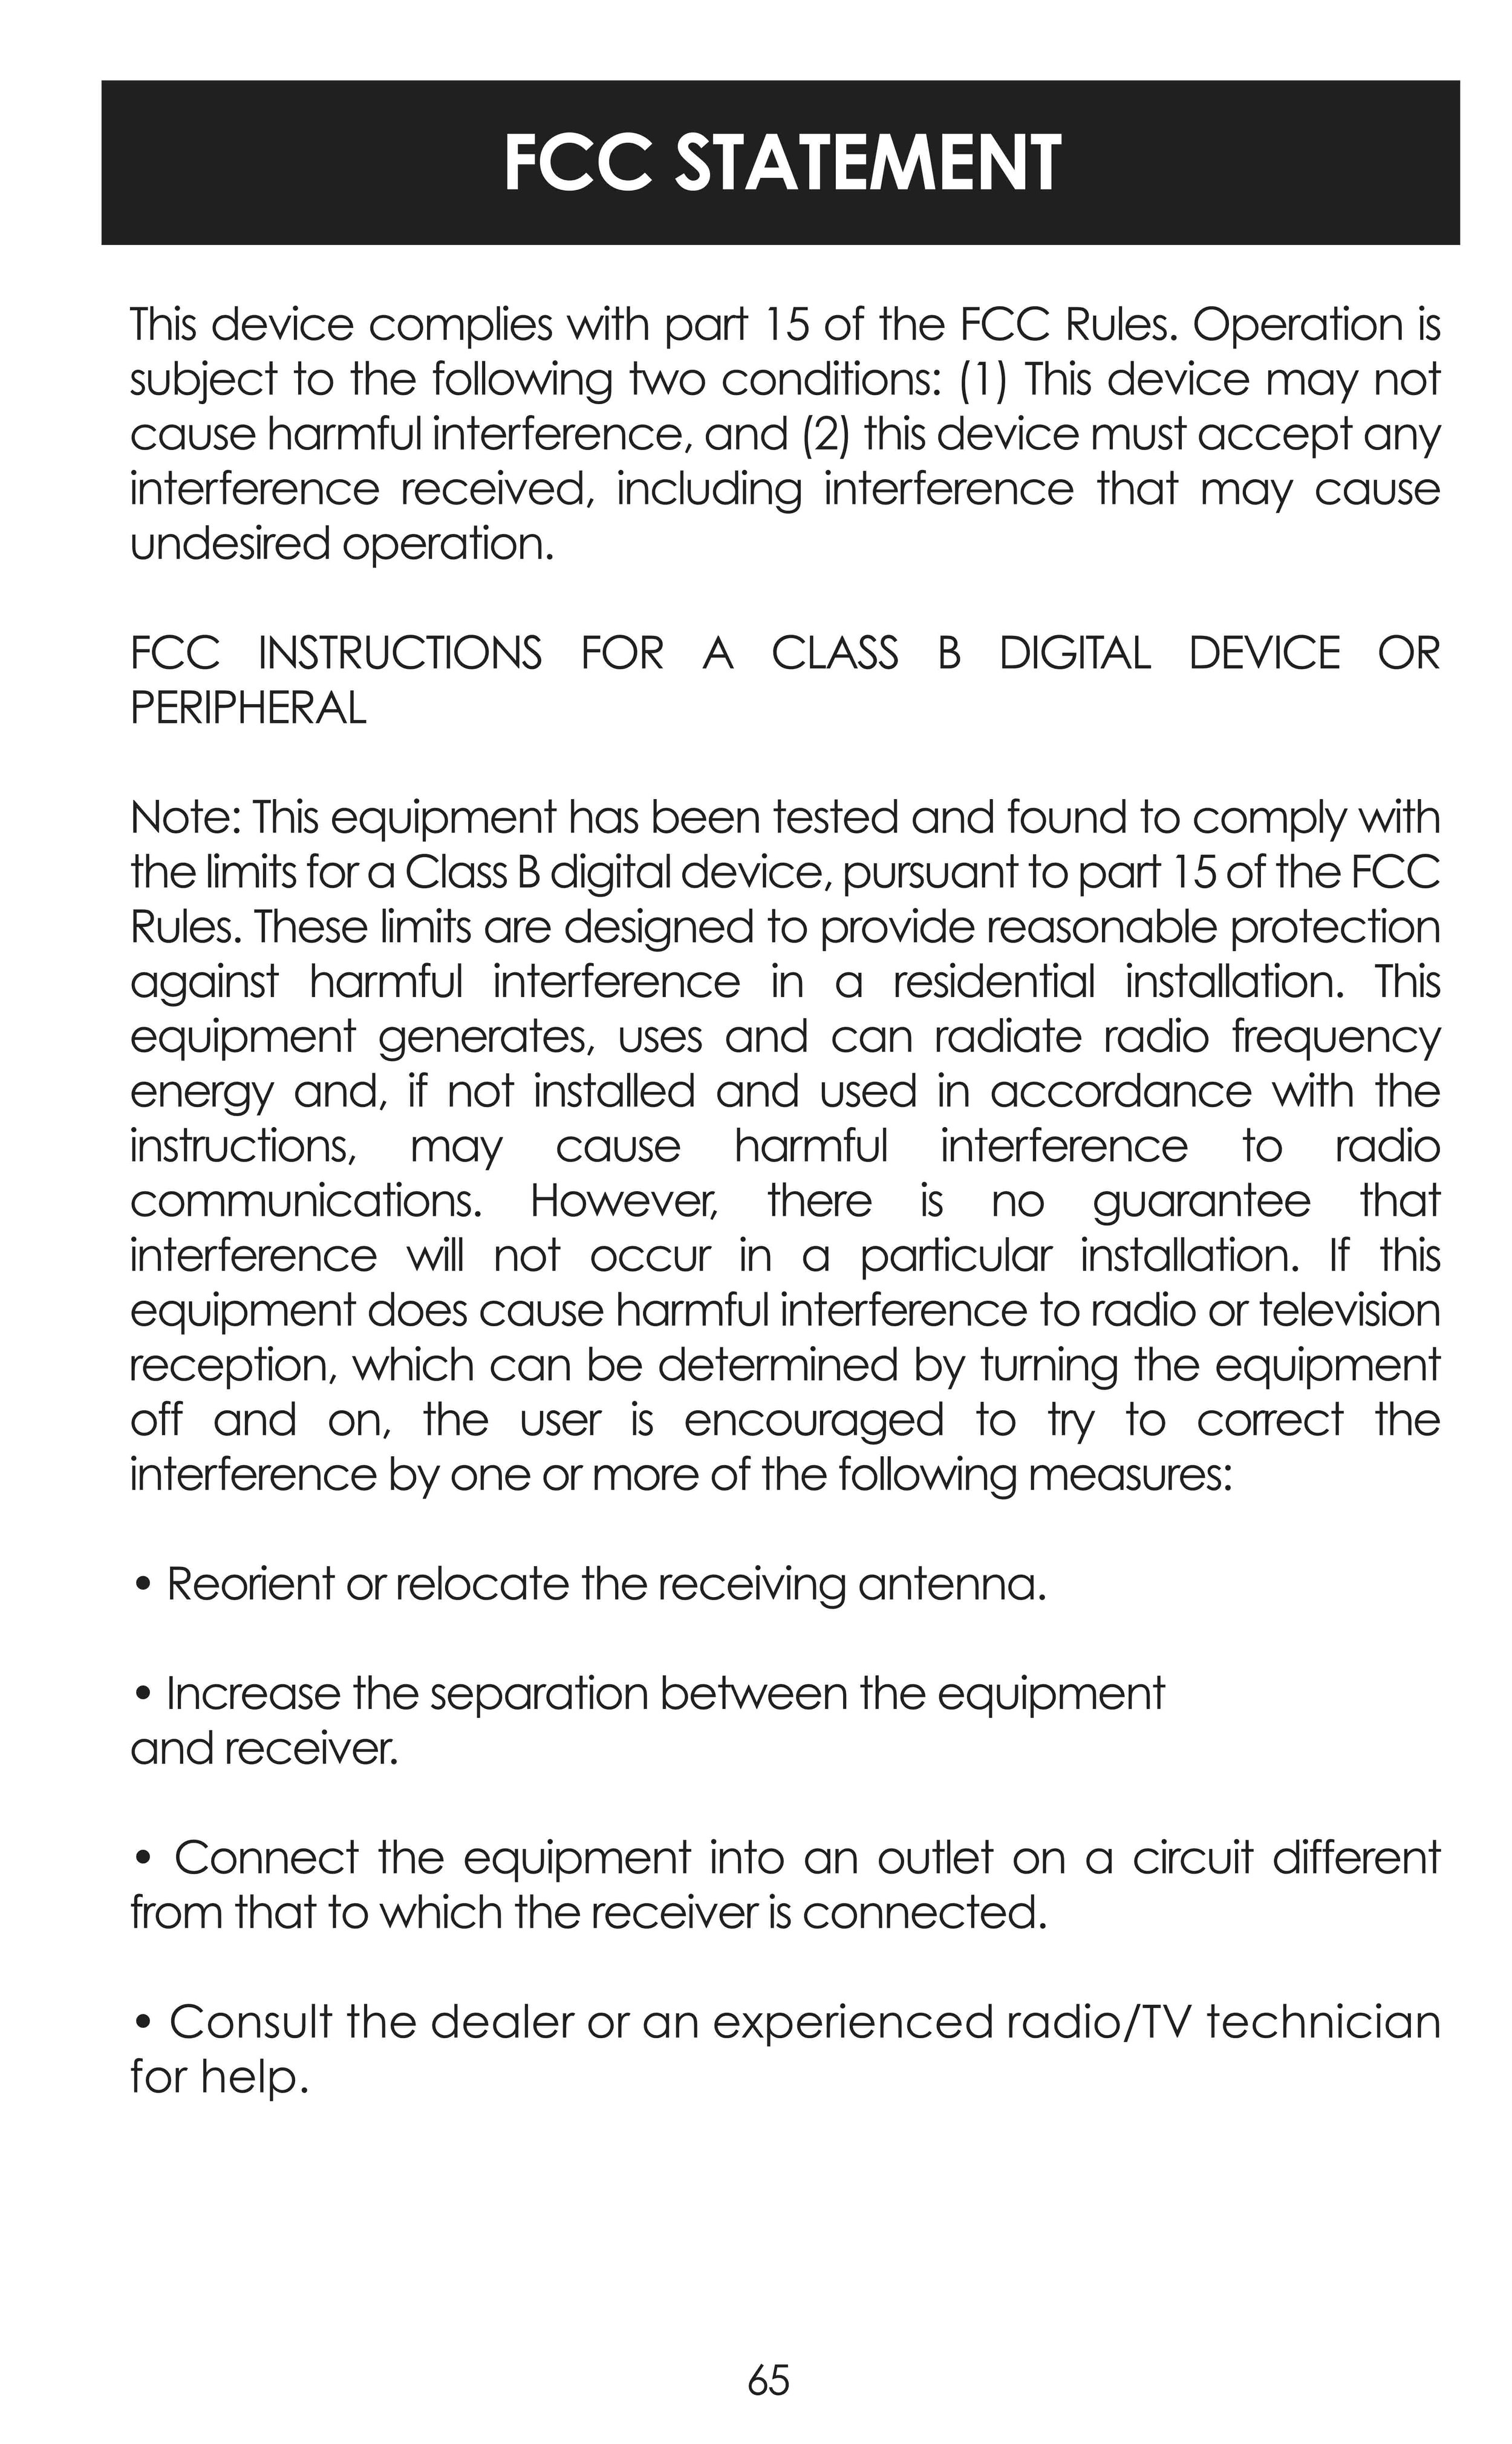 HY-WTCH-BT-Manual-Booklet-08262016-OL 66.jpg